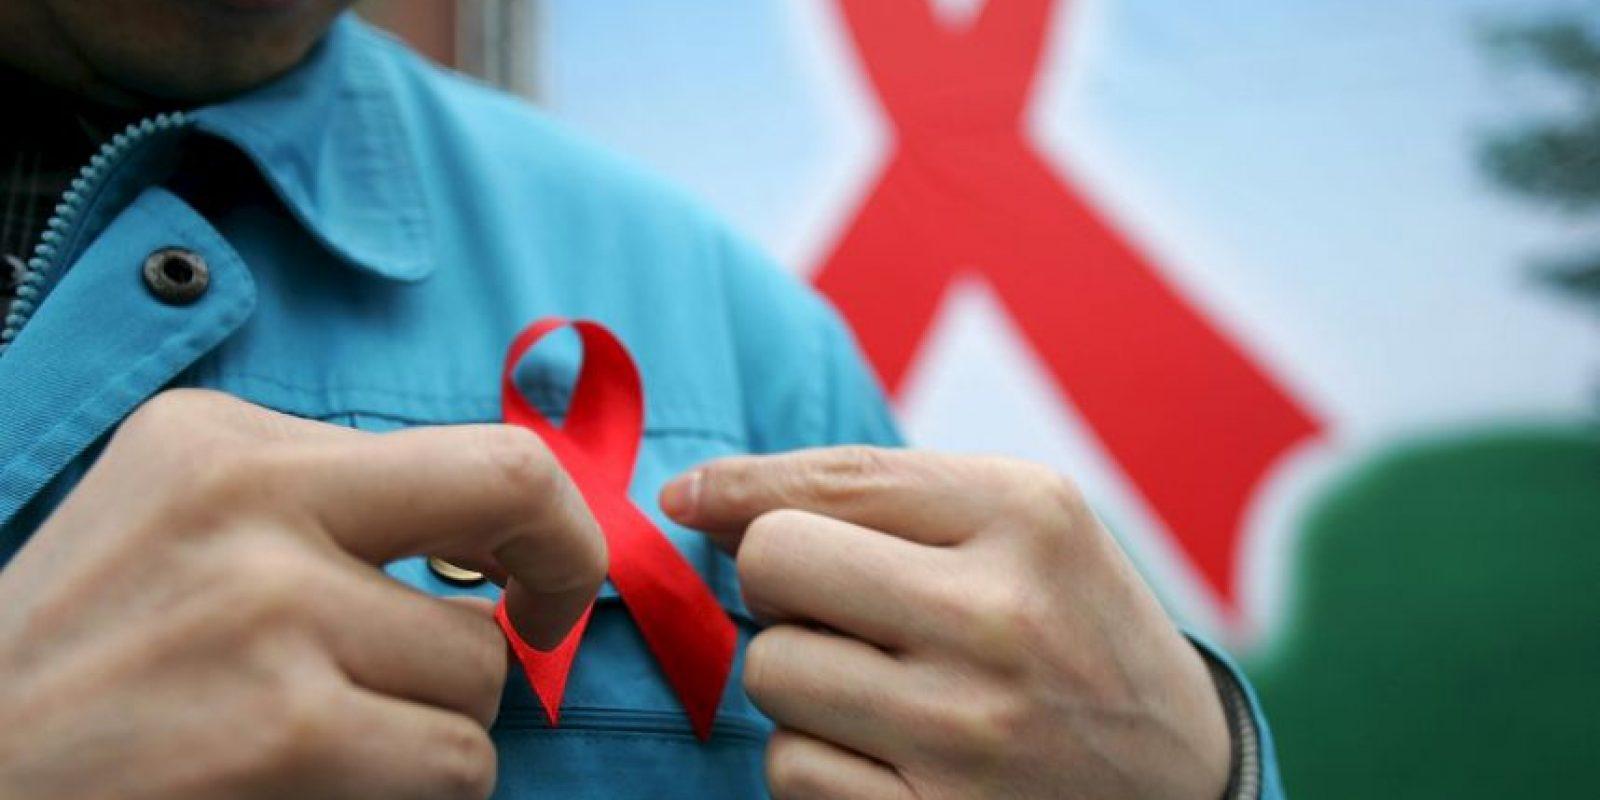 El VIH puede transmitirse por las relaciones sexuales vaginales, anales u orales con una persona infectada, la transfusión de sangre contaminada o el uso compartido de agujas, jeringuillas u otros instrumentos punzantes. Foto:Getty